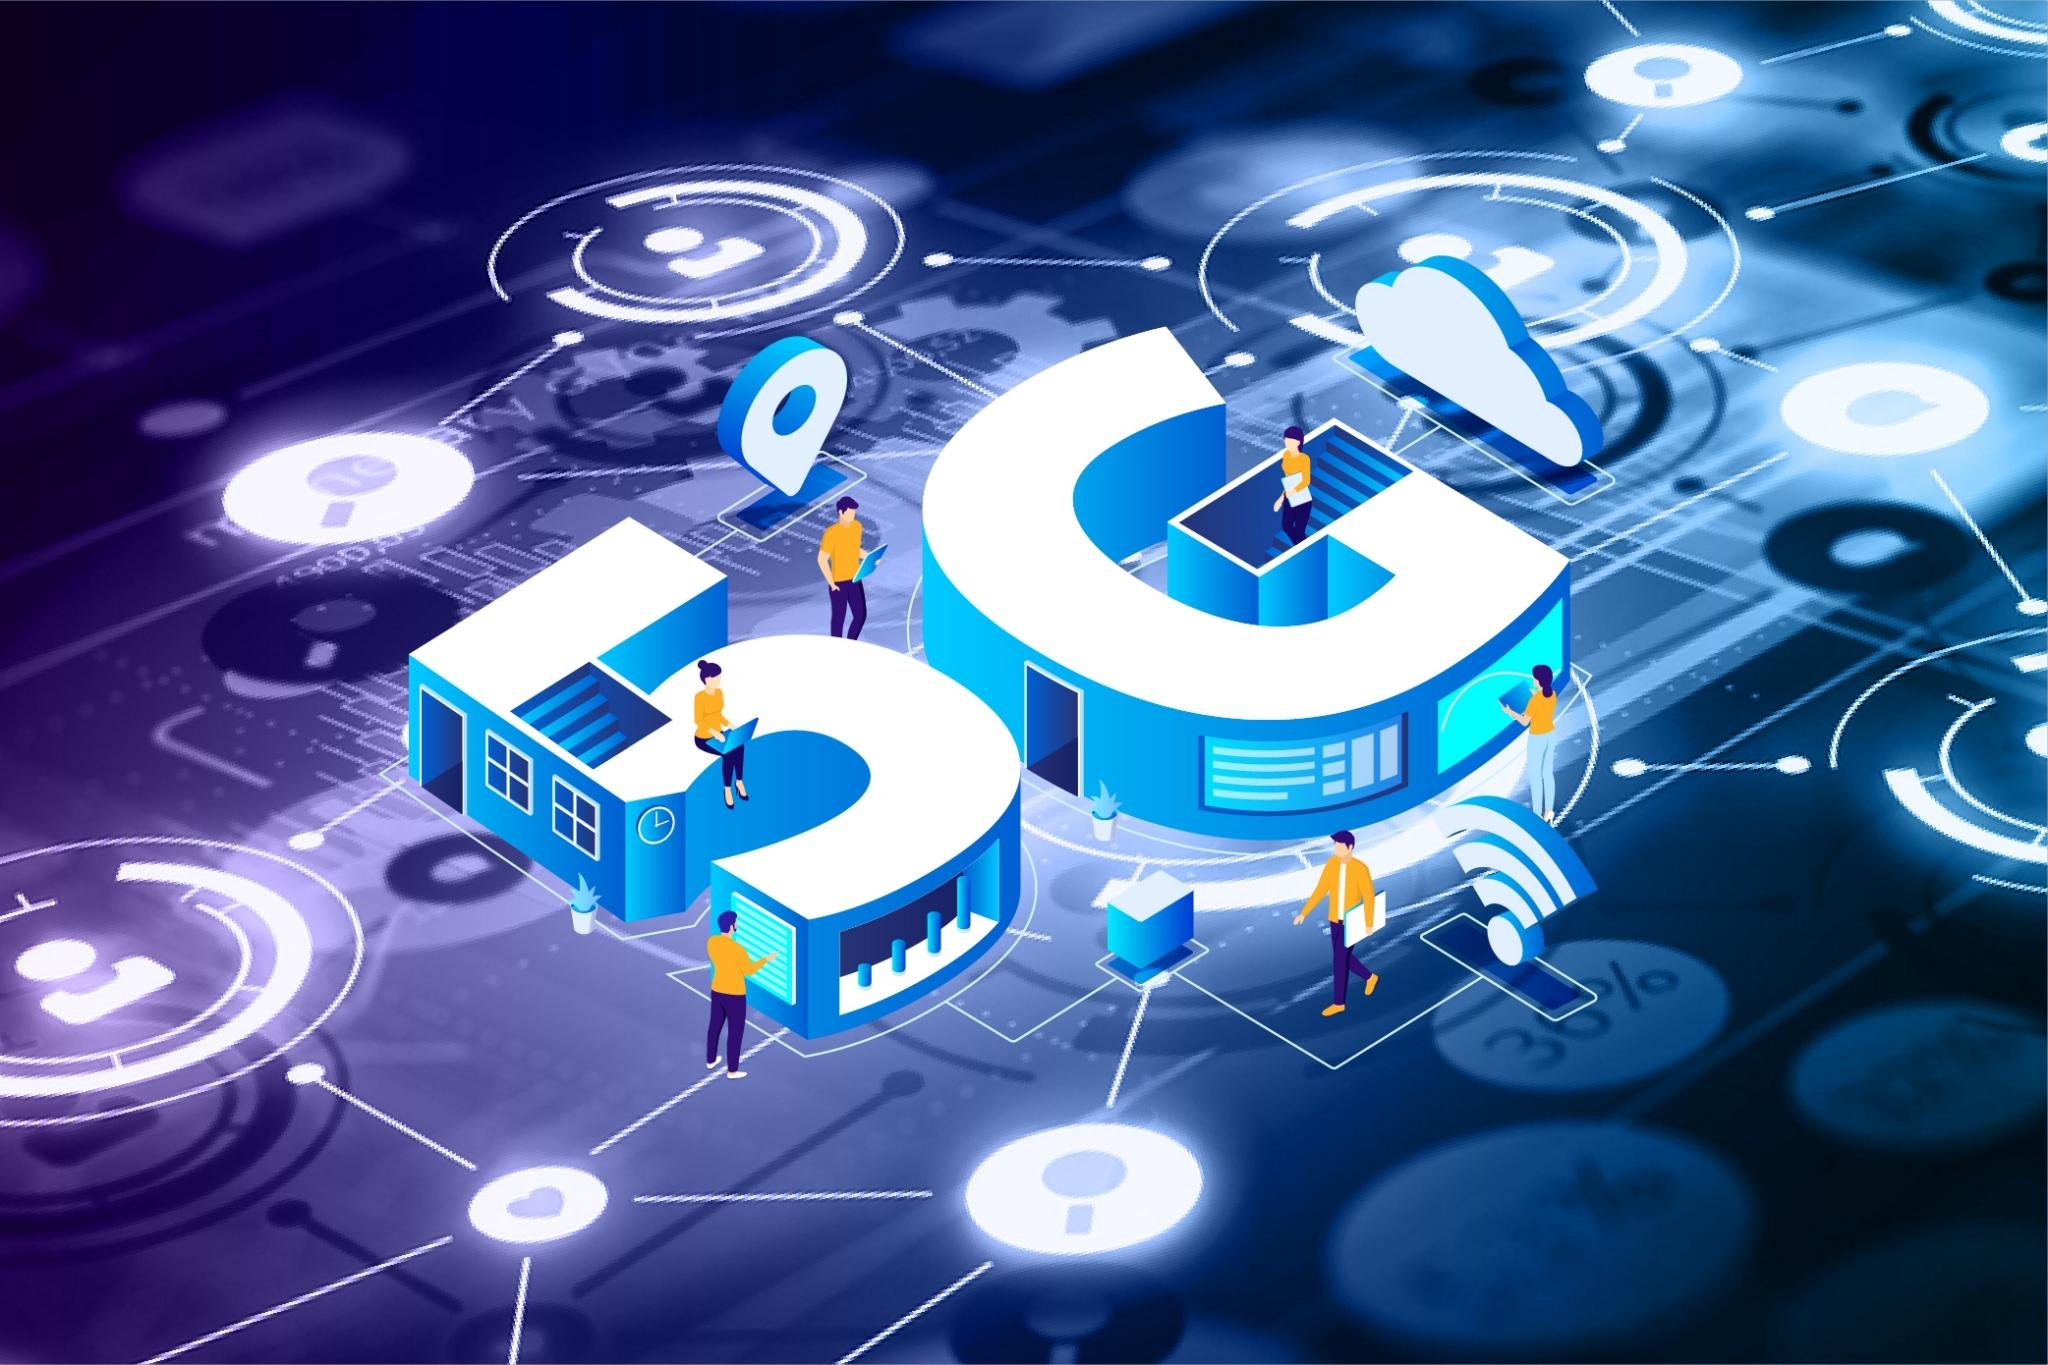 間接承認5G耗電?電信商教民眾「一招」延長電量竟是打開LTE網路